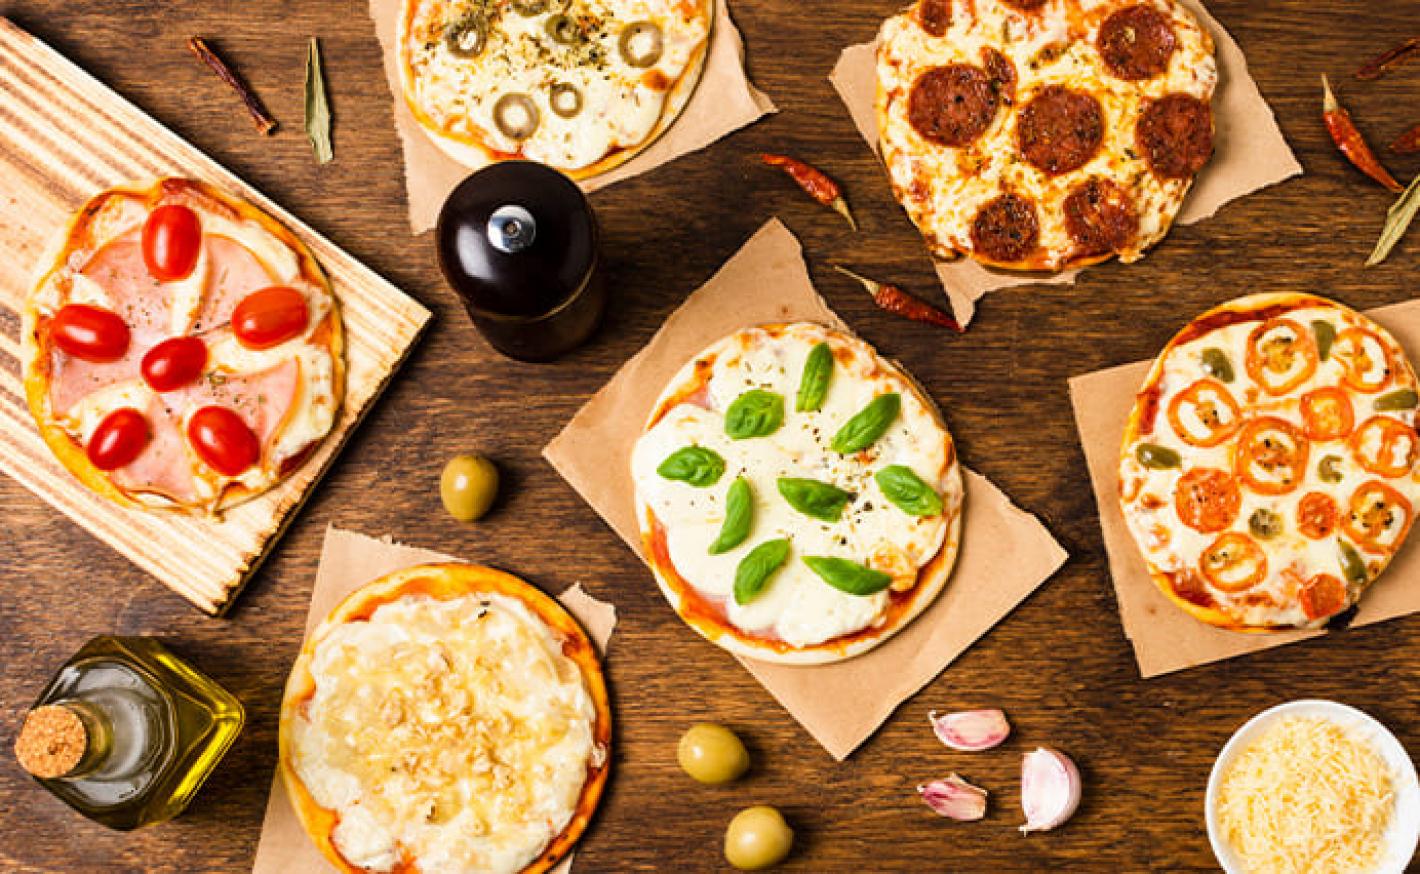 Sabores de pizza: Uma lista de dar água na boca